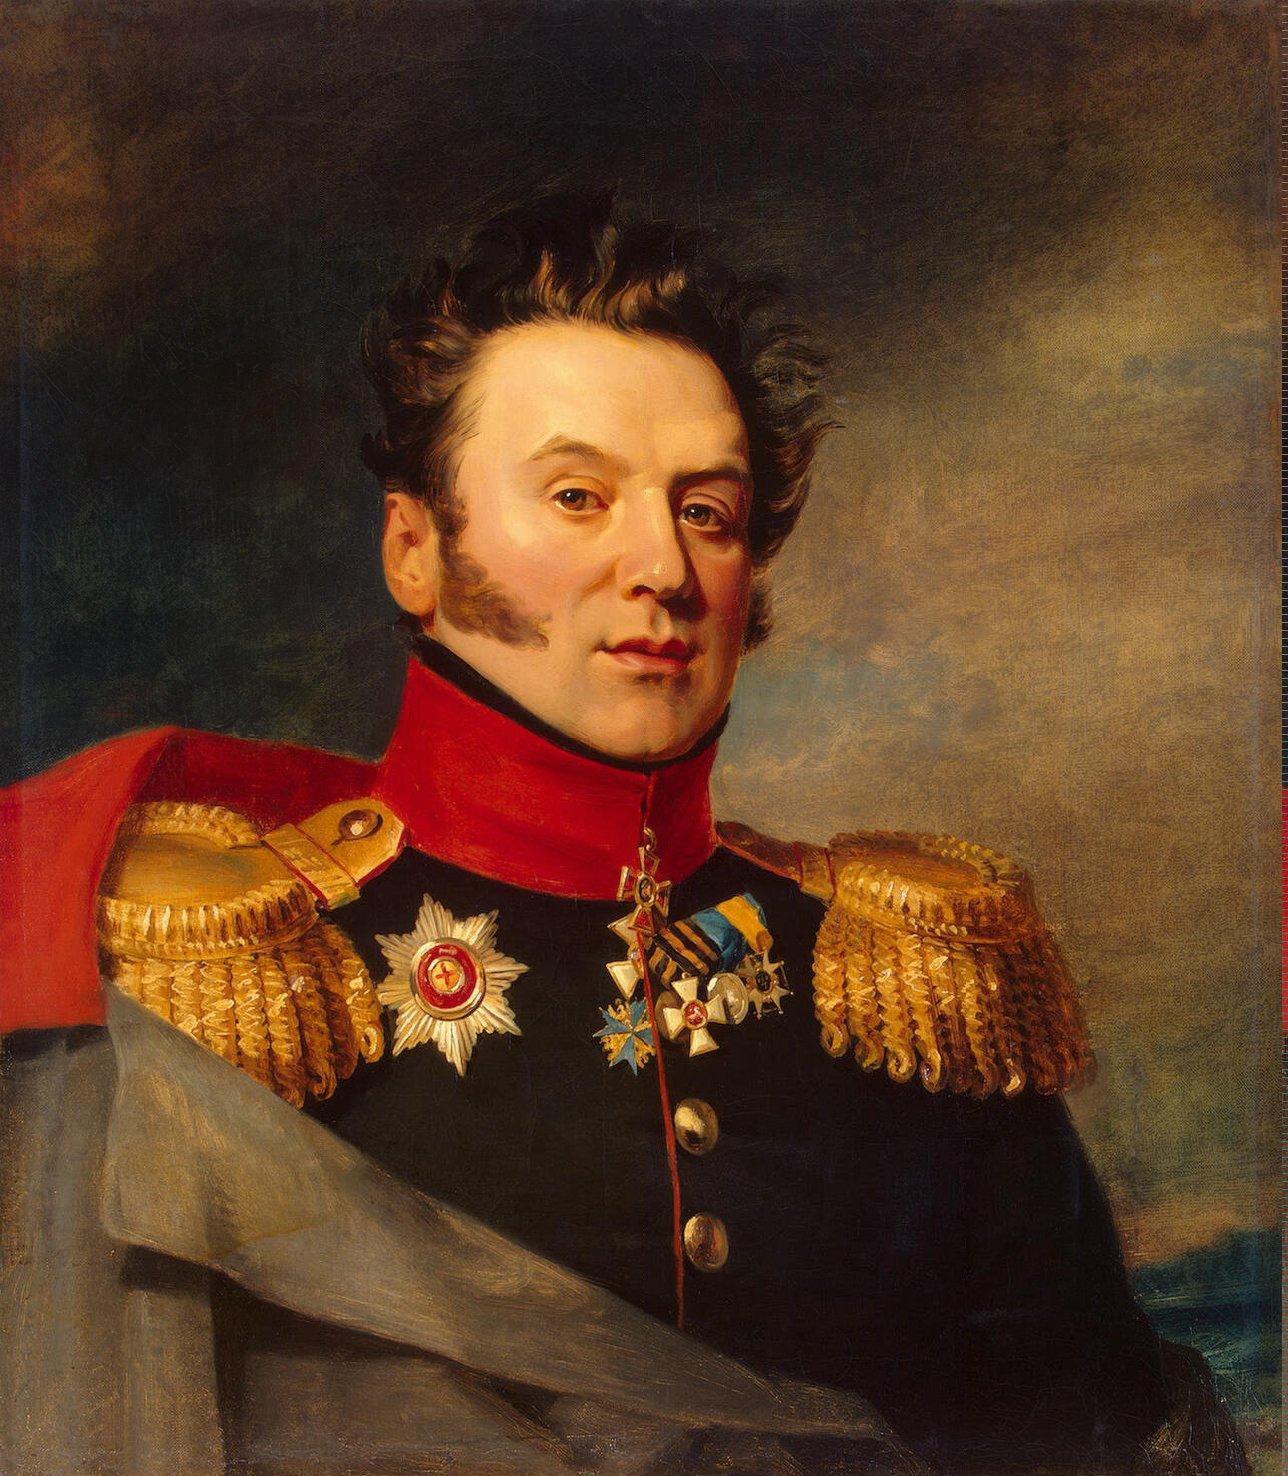 Полторацкий, Константин Маркович